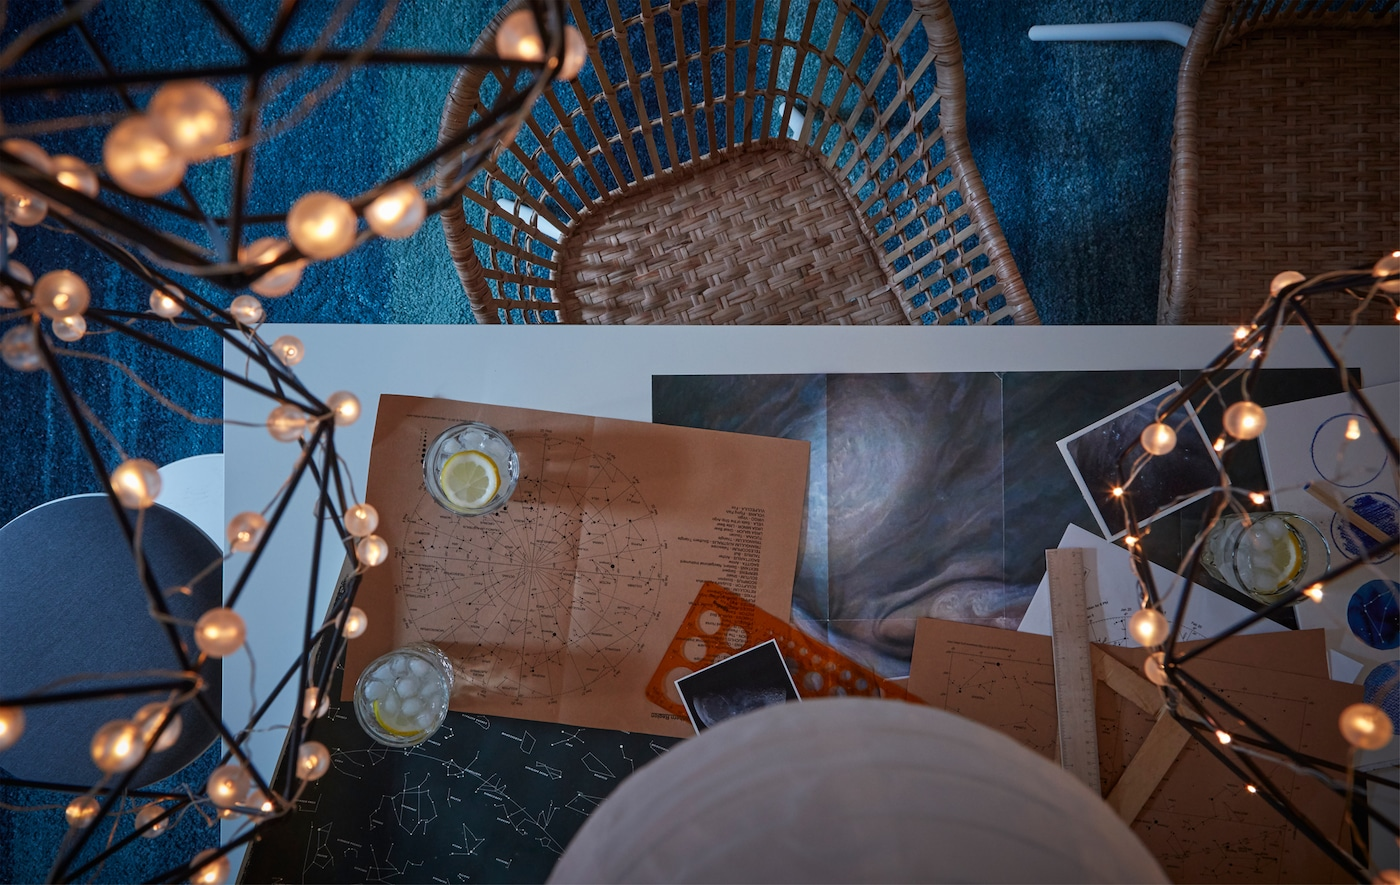 sternenhimmel dekoration f r dein zuhause ikea. Black Bedroom Furniture Sets. Home Design Ideas